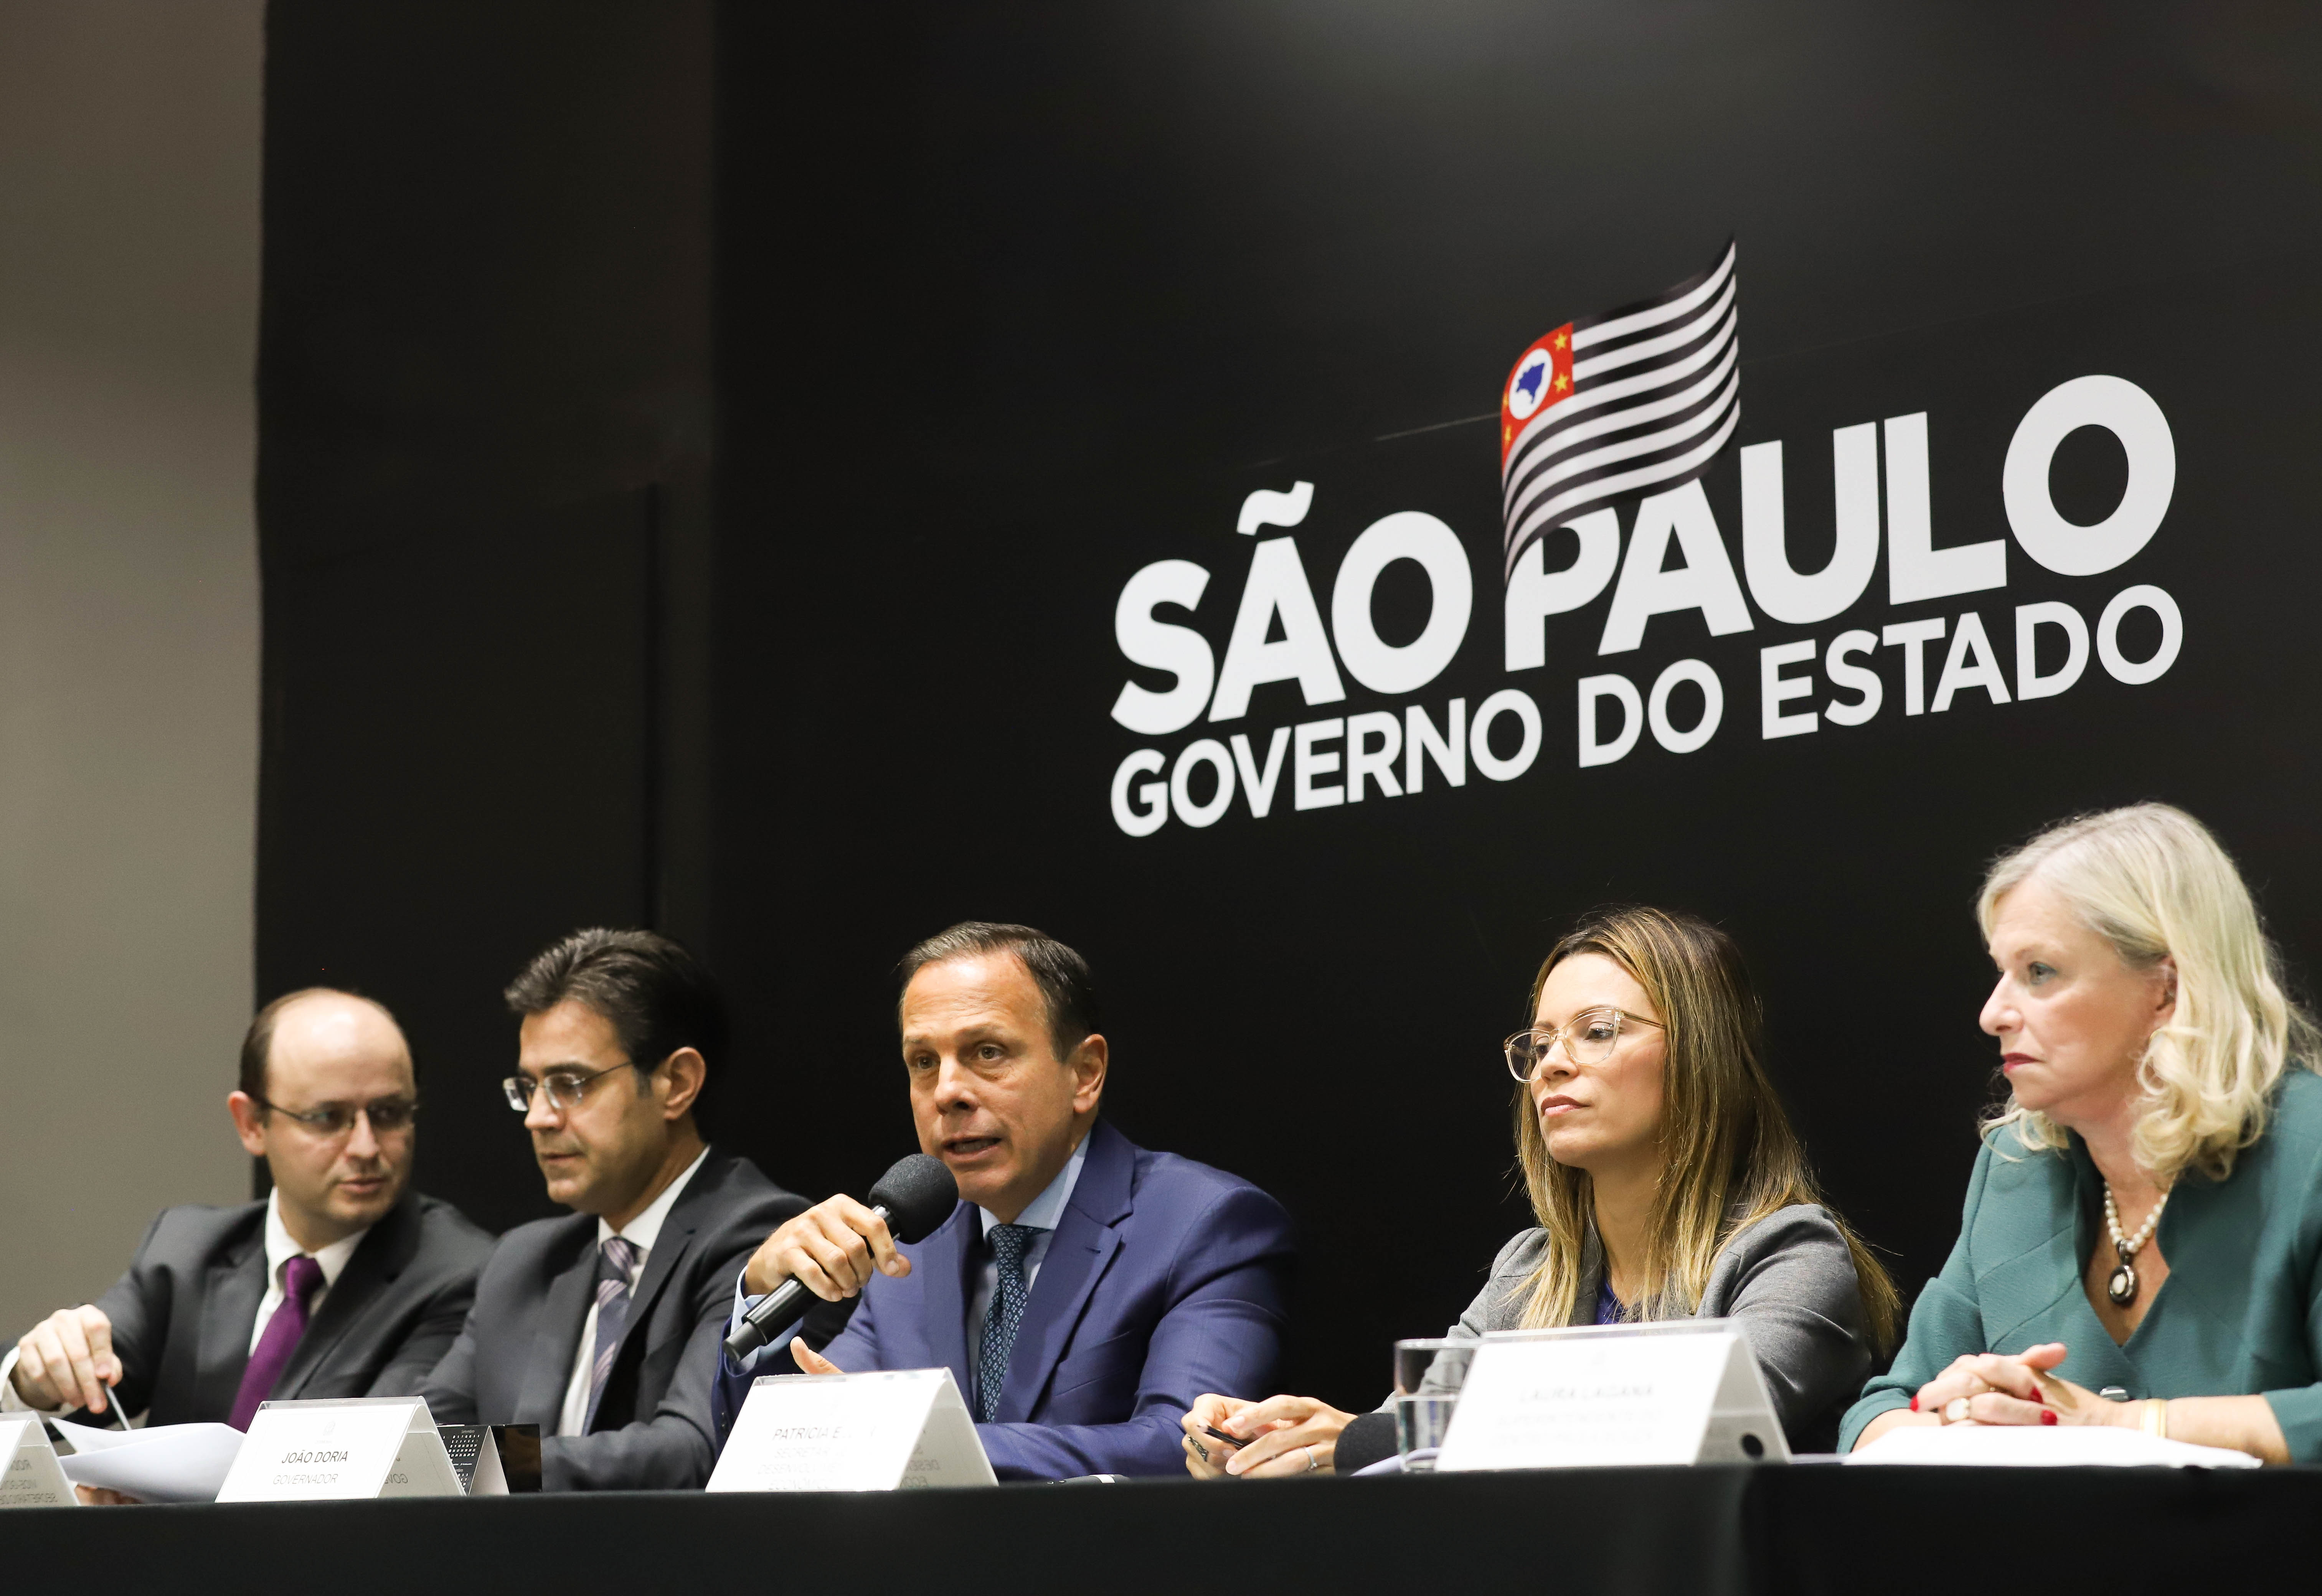 O governador do Estado de São Paulo, João Doria, participa de coletiva de imprensa, realizada no Palácio dos Bandeirantes. Local: São Paulo/SP. Data: 01/03/2019. Foto: Gilberto Marques